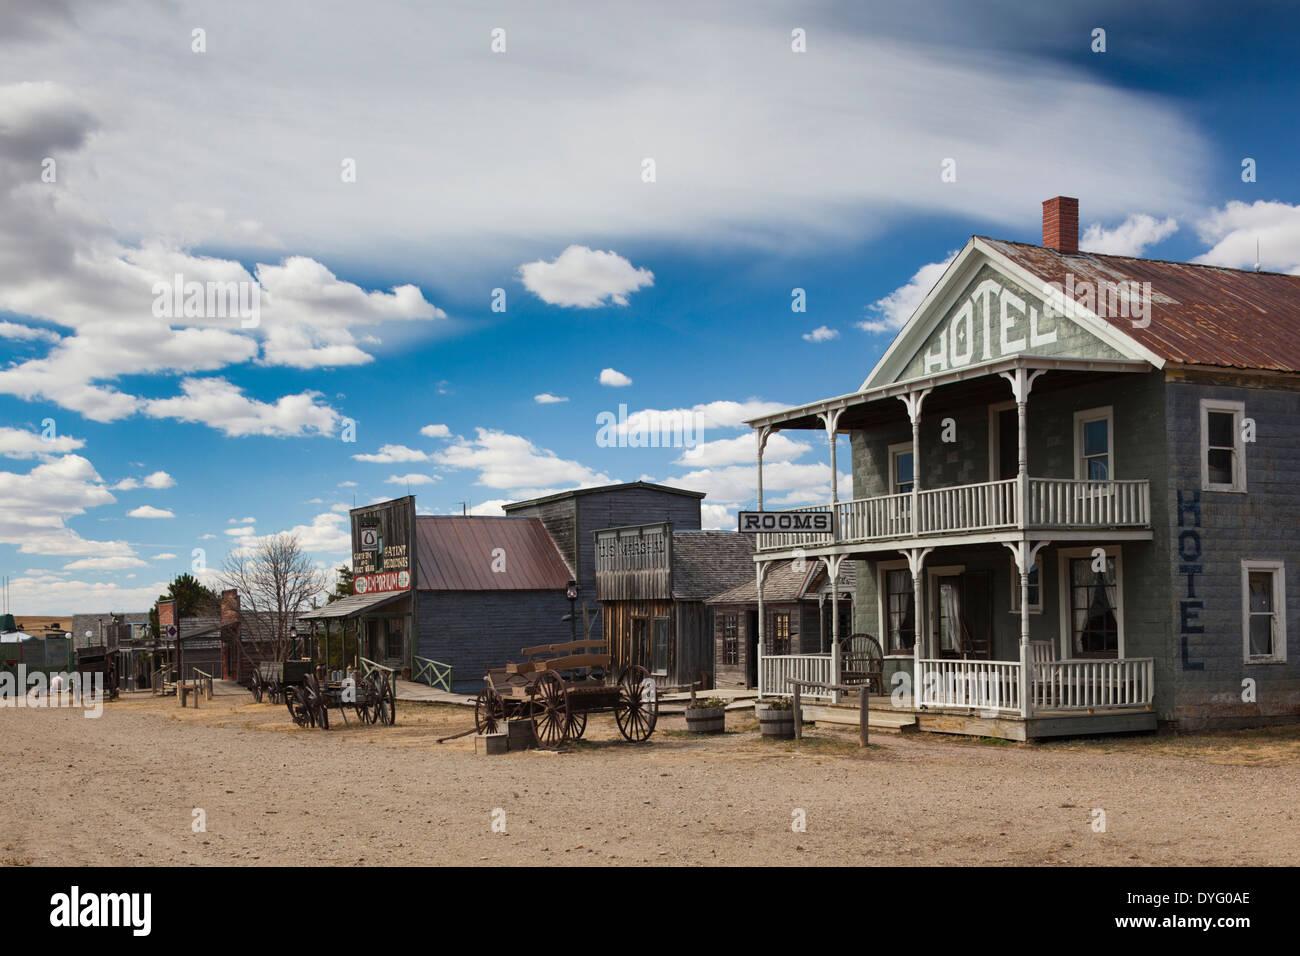 USA, South Dakota, Stamford, 1880 Town, pioneer village - Stock Image